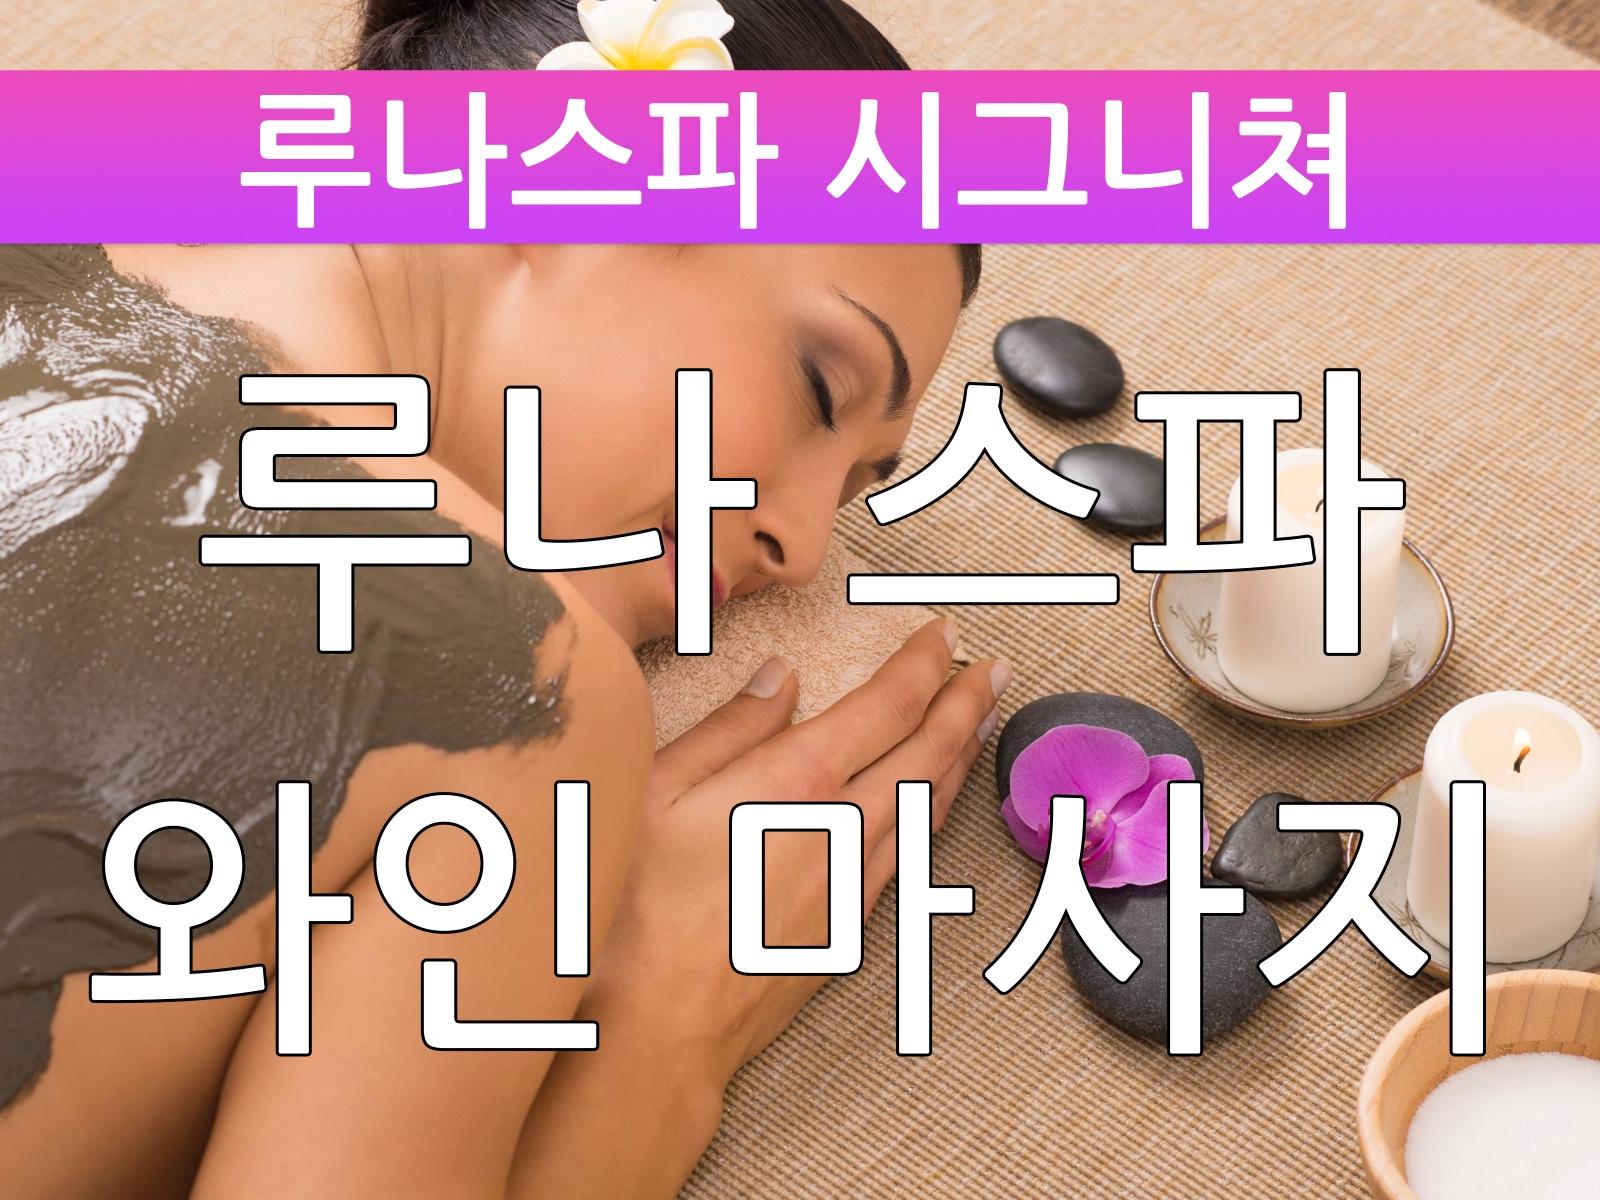 [보라카이 마사지 & 스파] 루나스파 - 와인 마사지(Wine Massage) $65